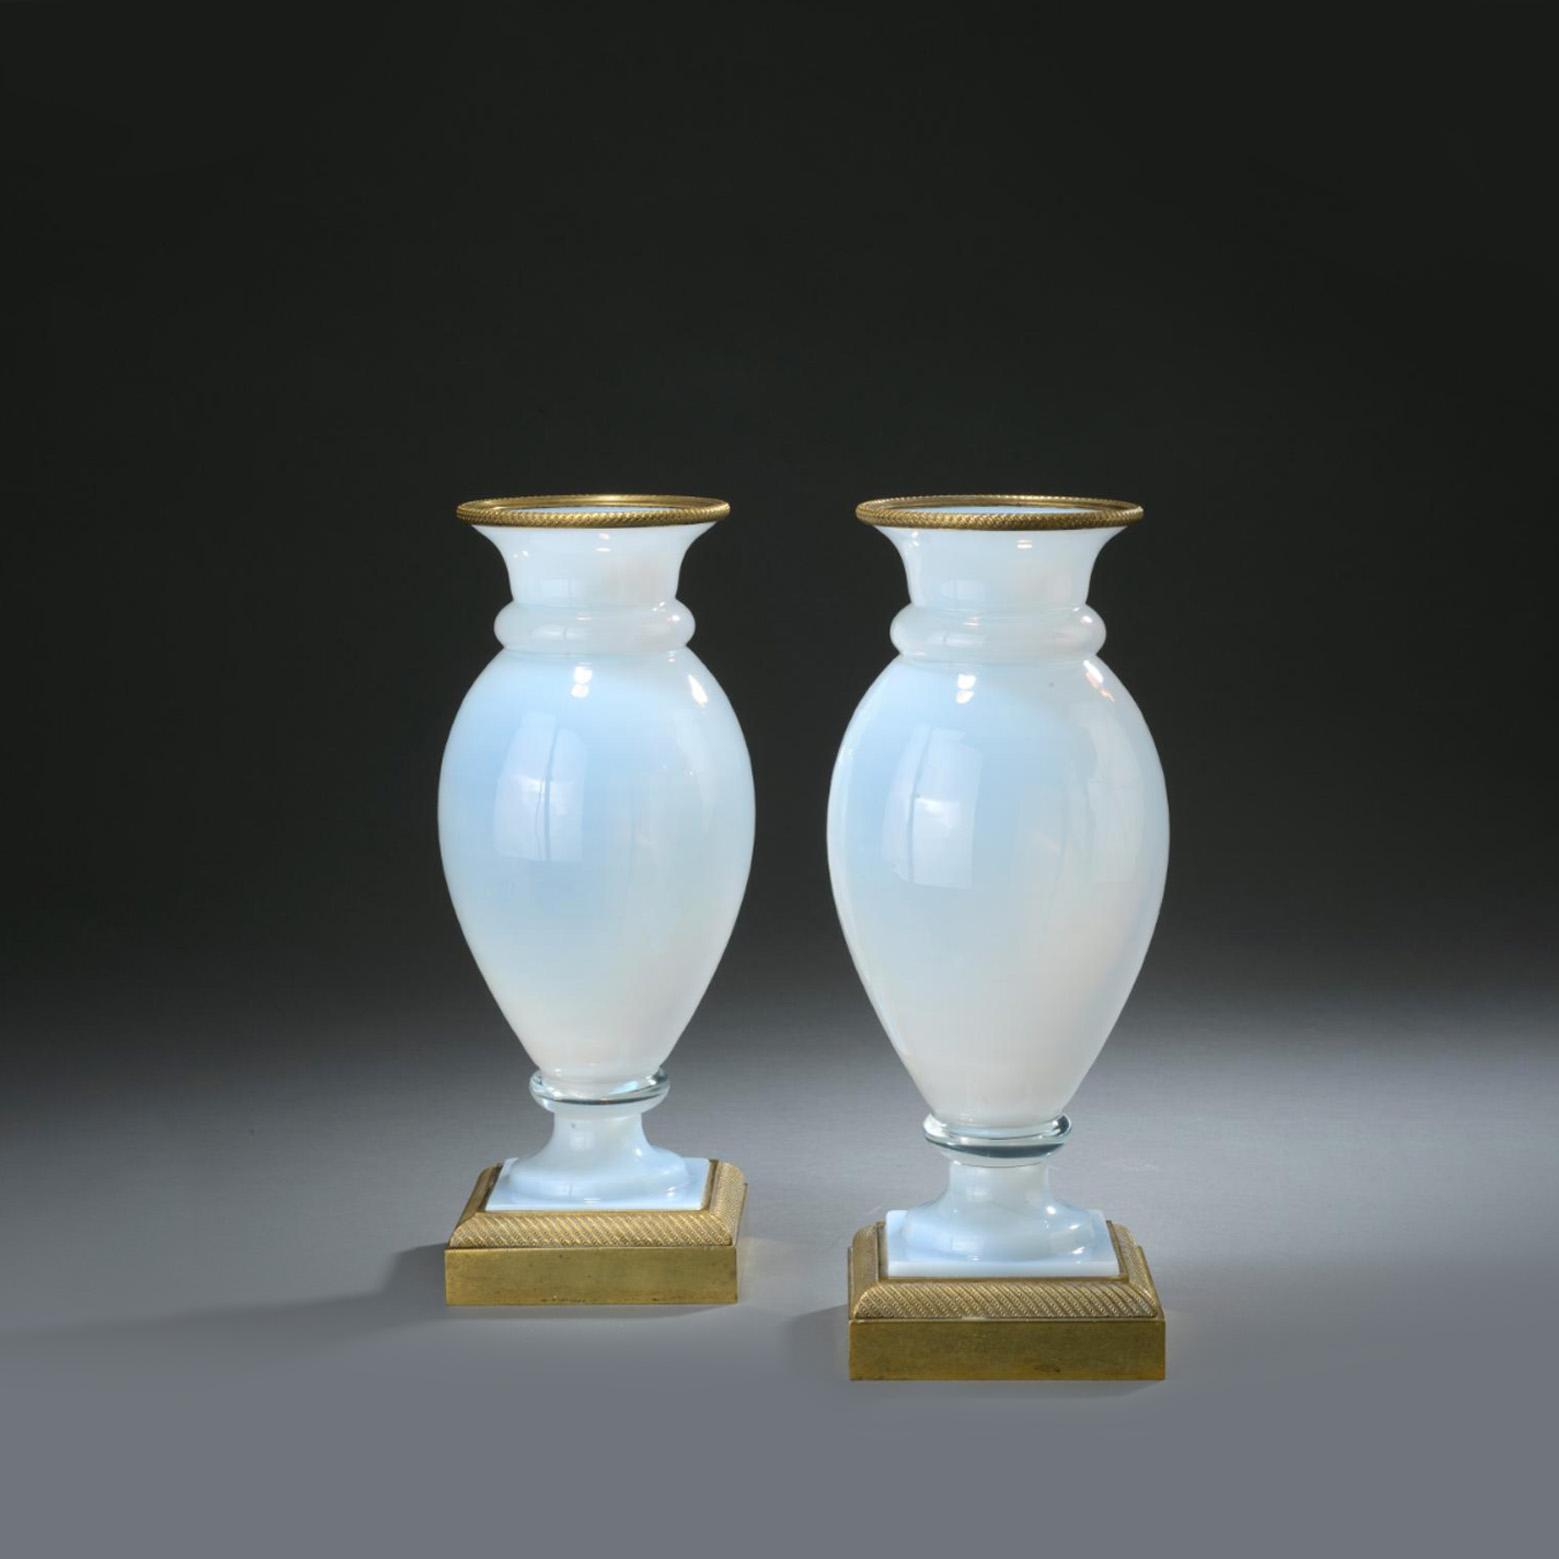 850€ Paire de vases balustre en opaline savonneuse, base et col en bronze doré, époque Restauration, h.31cm.Saint-Cloud, 17février 201